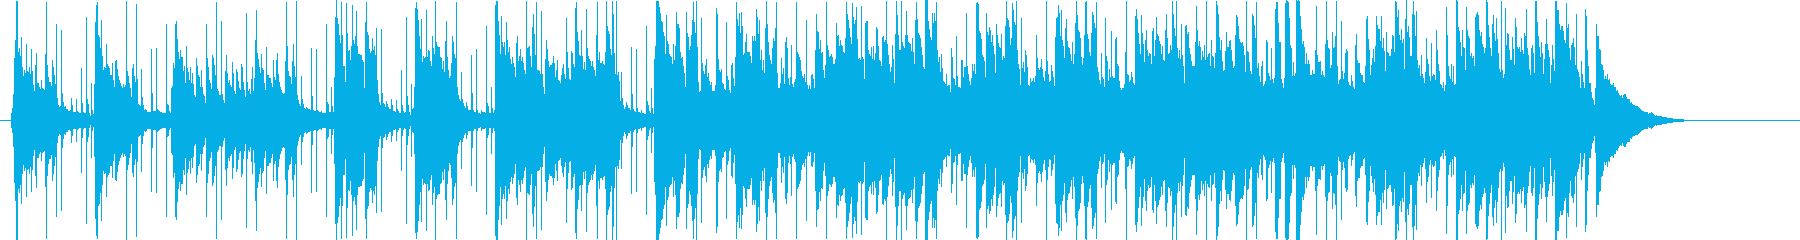 ゆったりとしたさわやかギターポップの再生済みの波形